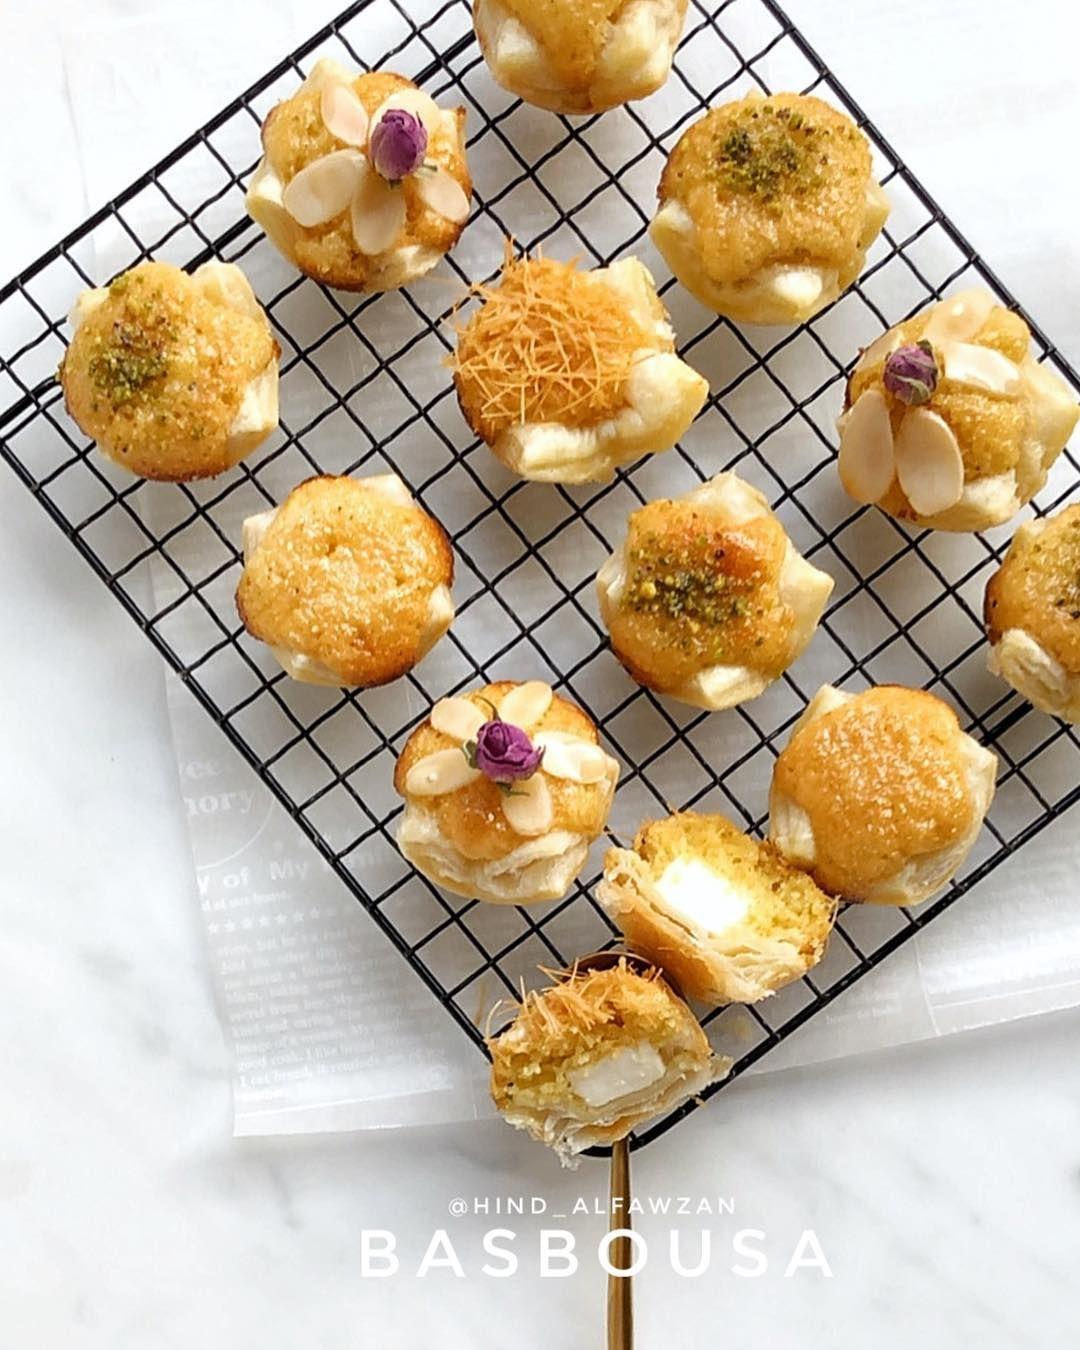 هند الفوزان On Instagram بسبوسة البف باستري Hind Alfawzan المقادير والطريقة شريحة بف باستري تقطع لاربع قطع وتوضع في صينية الك Food Breakfast Muffin